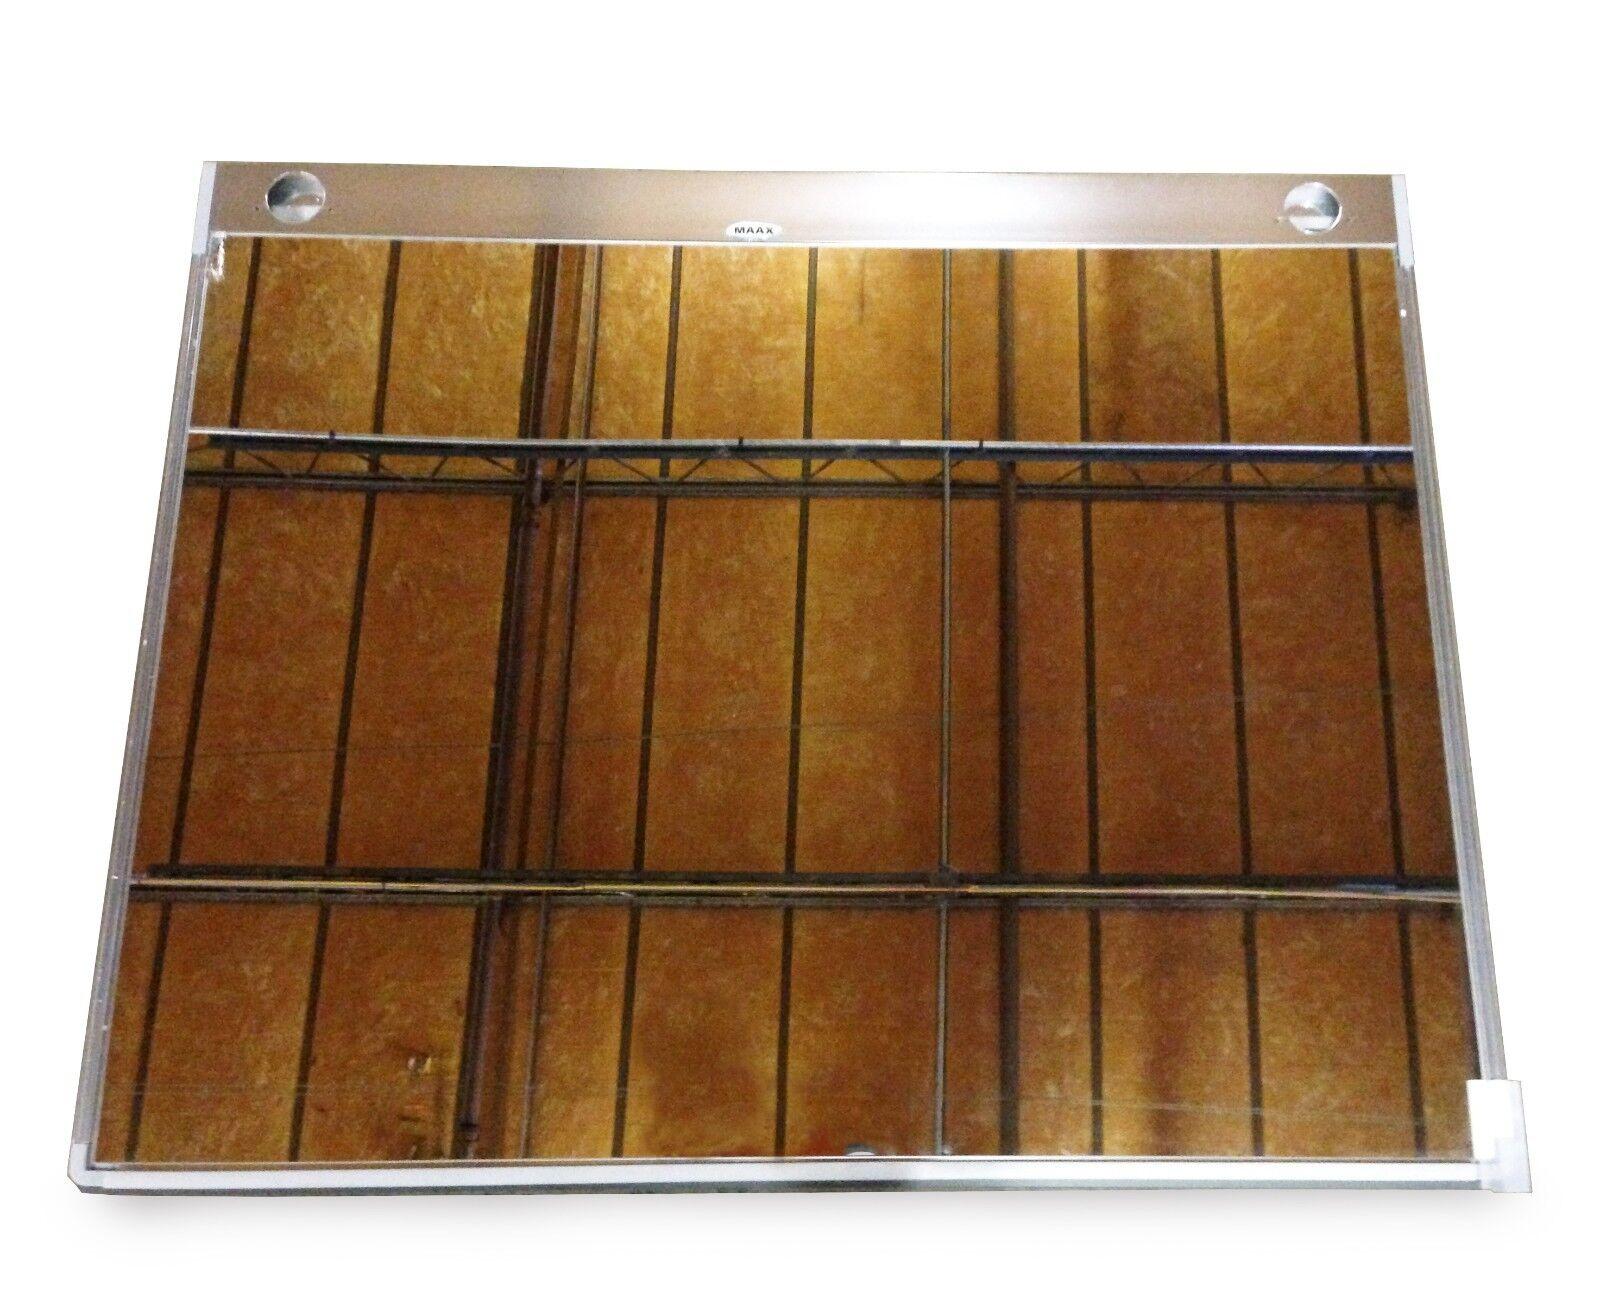 MAAX Bathroom Glass Mirror Cabinet Door 10080235-801 | eBay